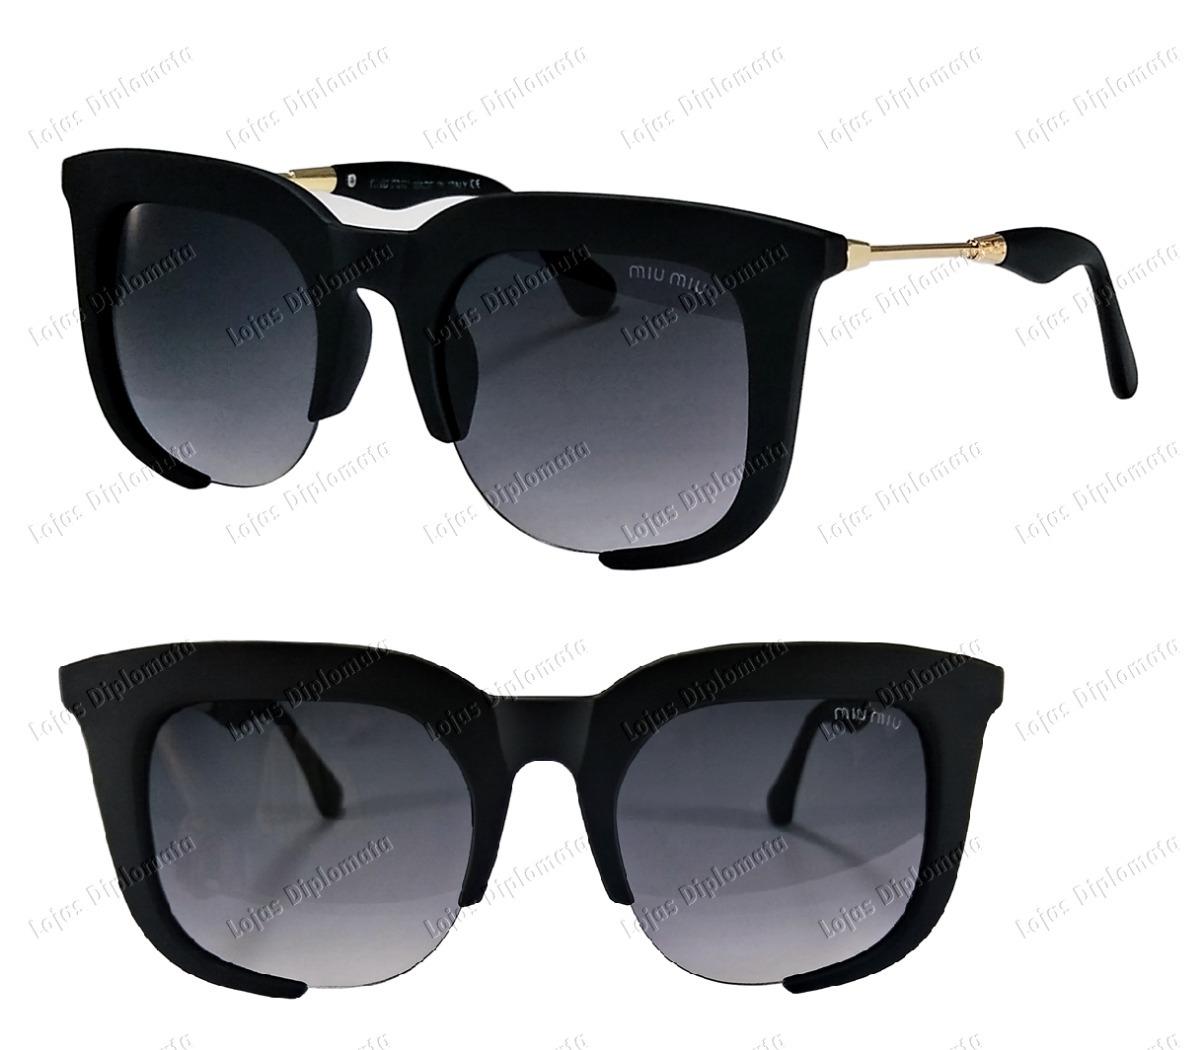 6ba3a904ed8f2 Oculos De Sol Feminino Grande Gatinha Miu + Round Hexagonal - R  118 ...